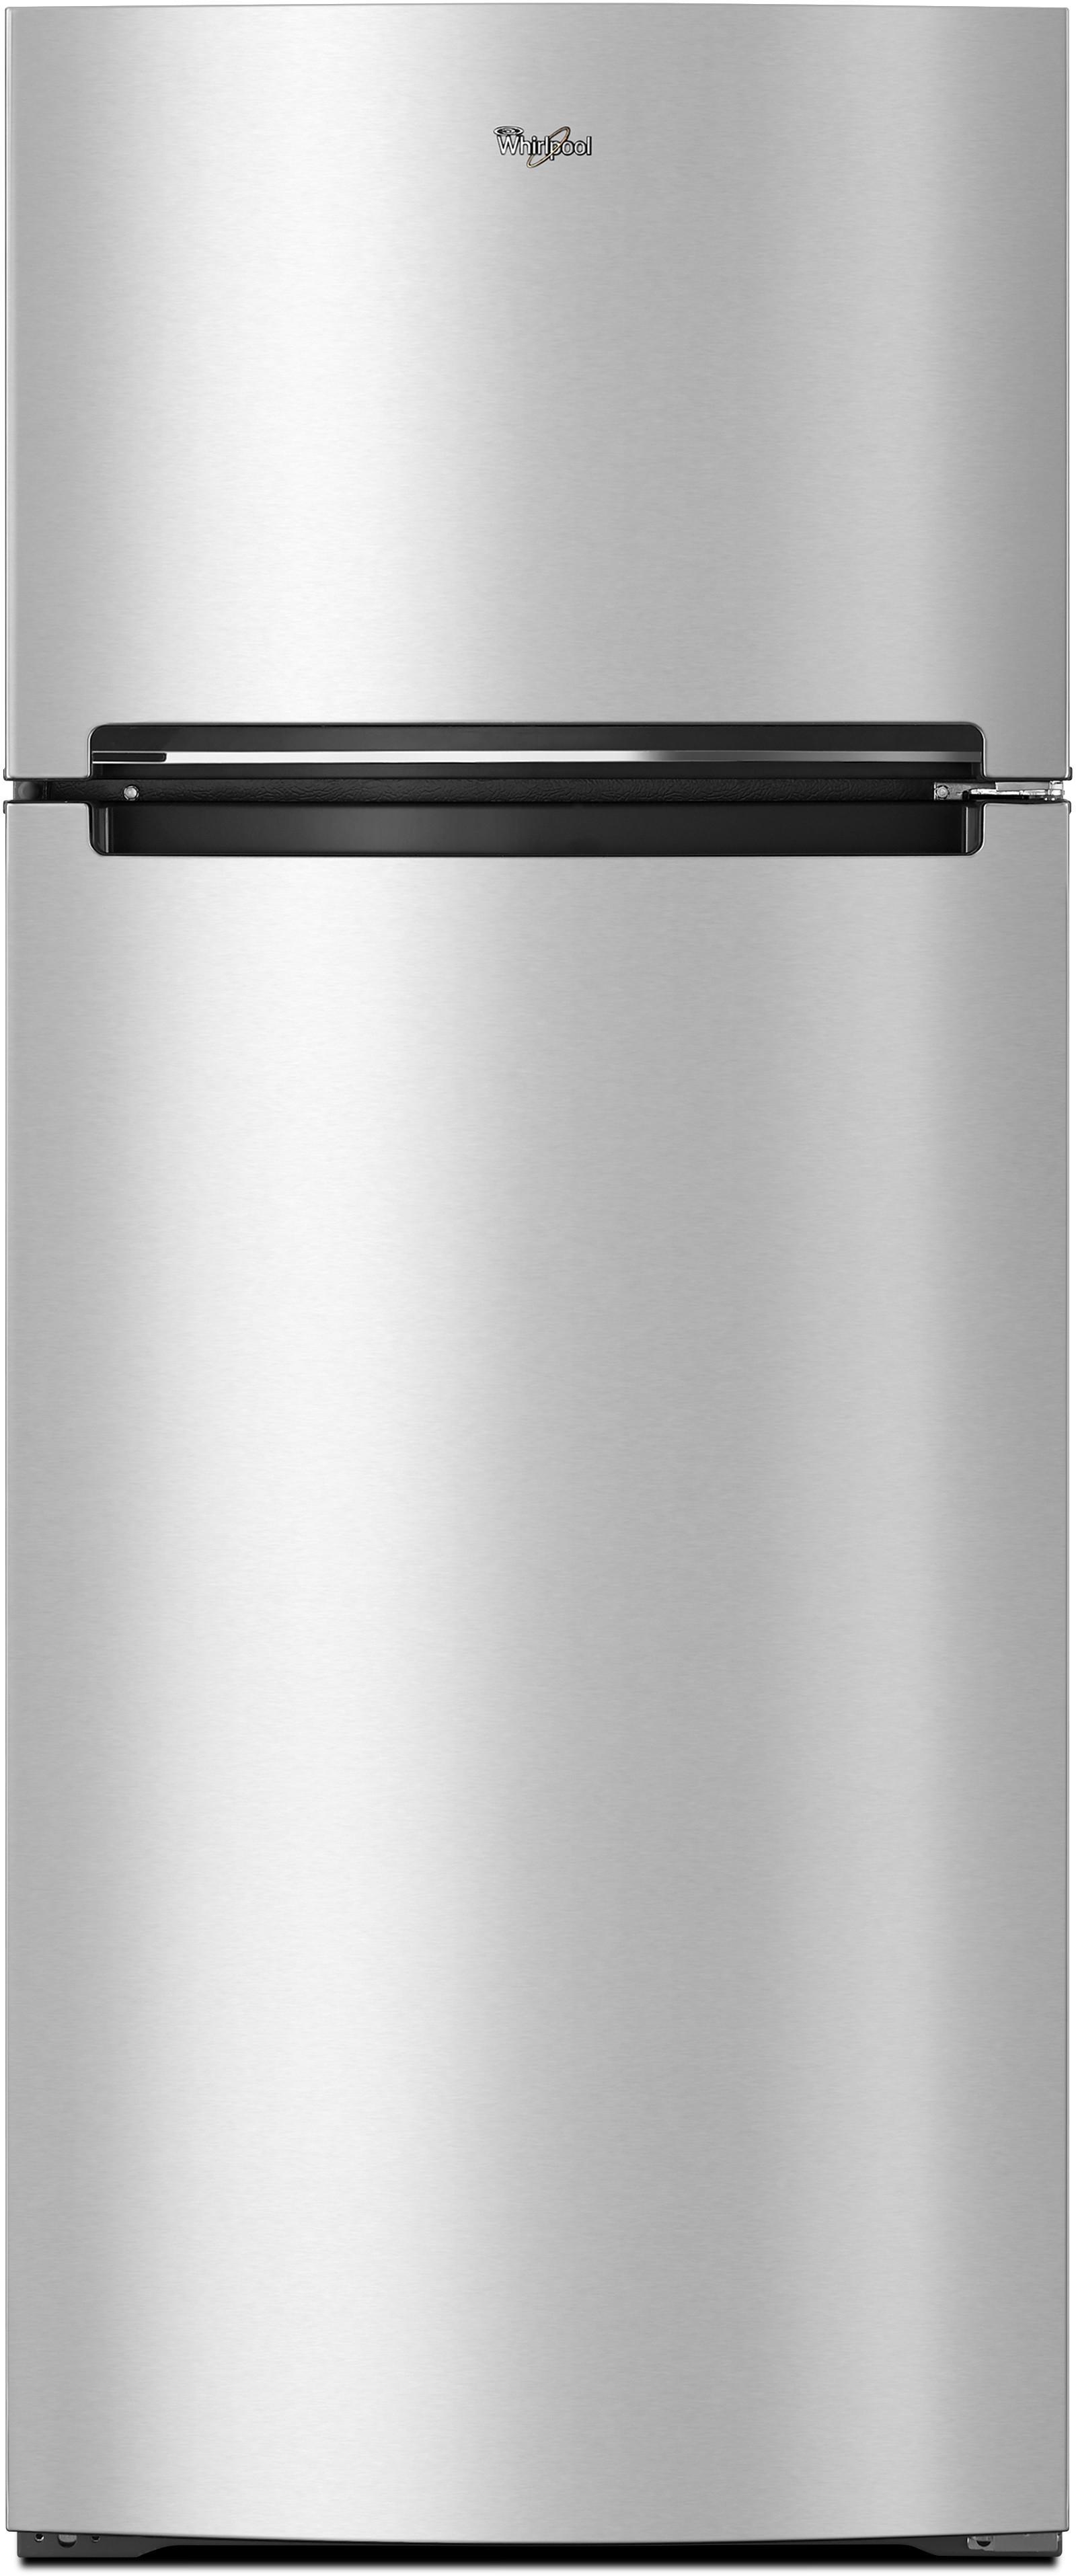 Whirlpool Wrt518szfm 28 Inch Top Freezer Refrigerator With